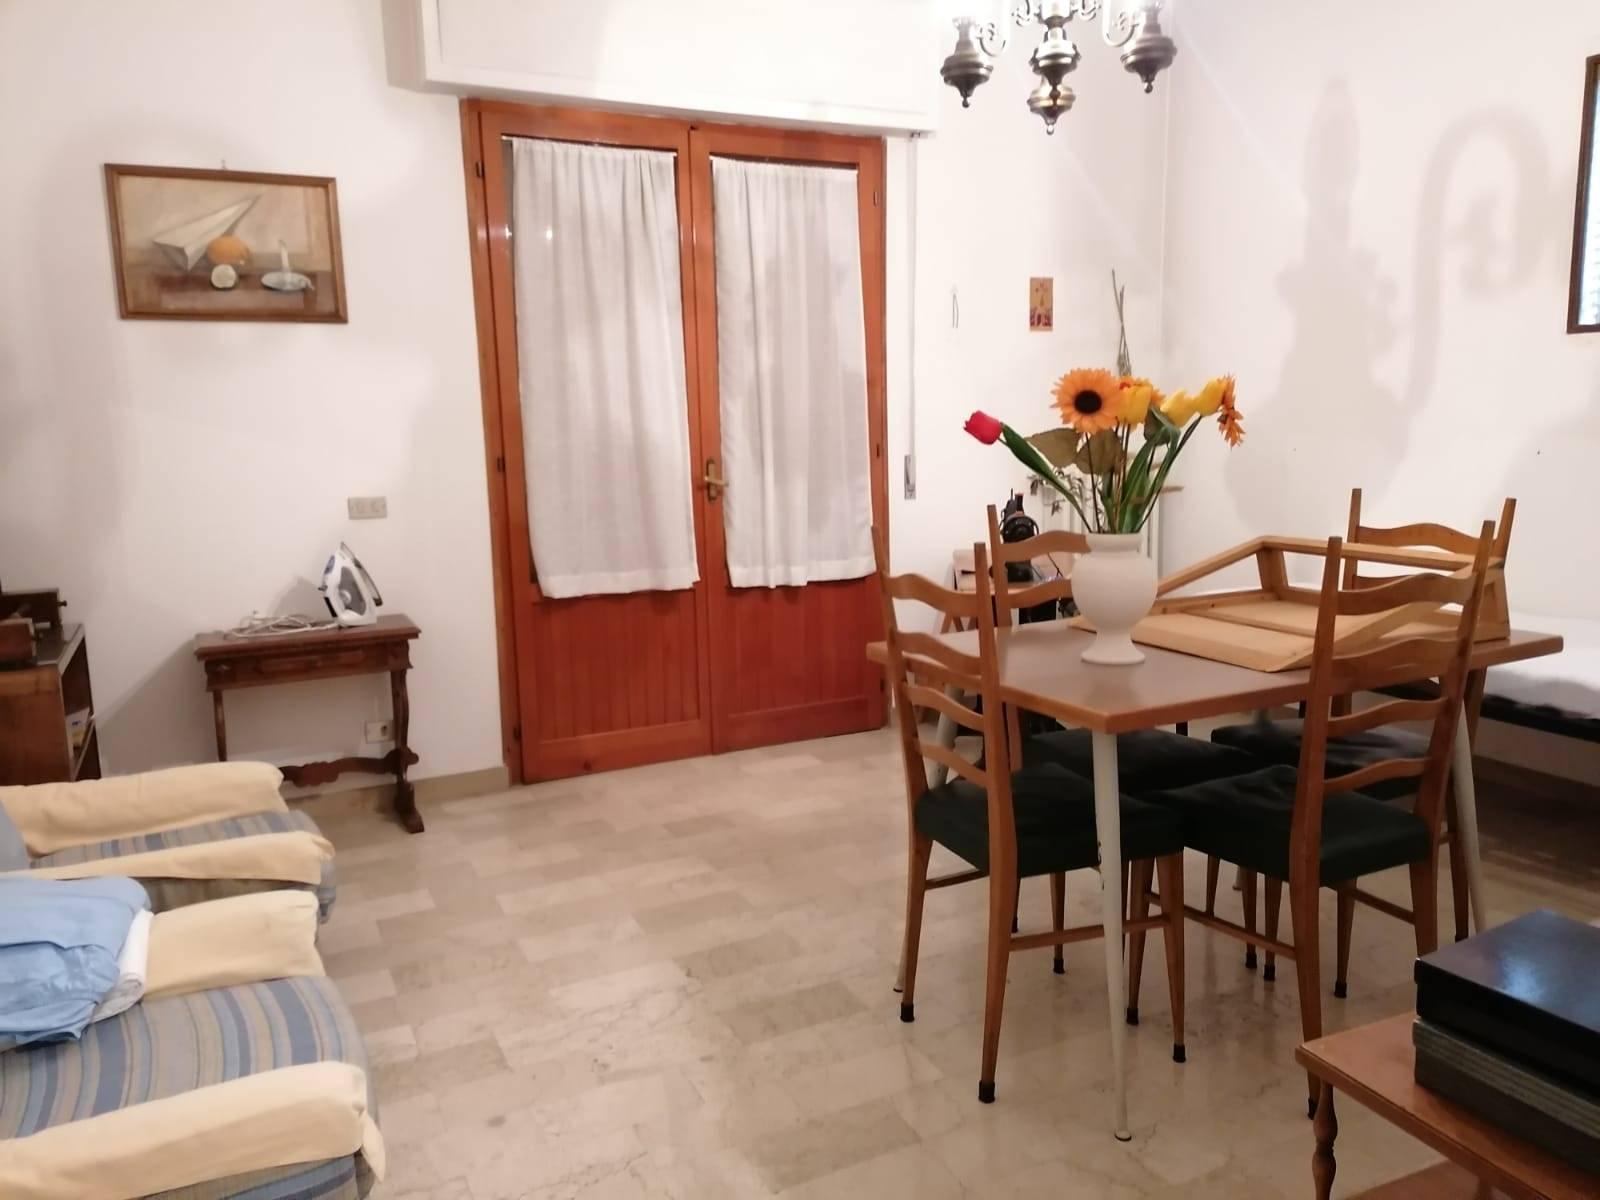 Villa in Vendita a Campi bisenzio zona  - immagine 6